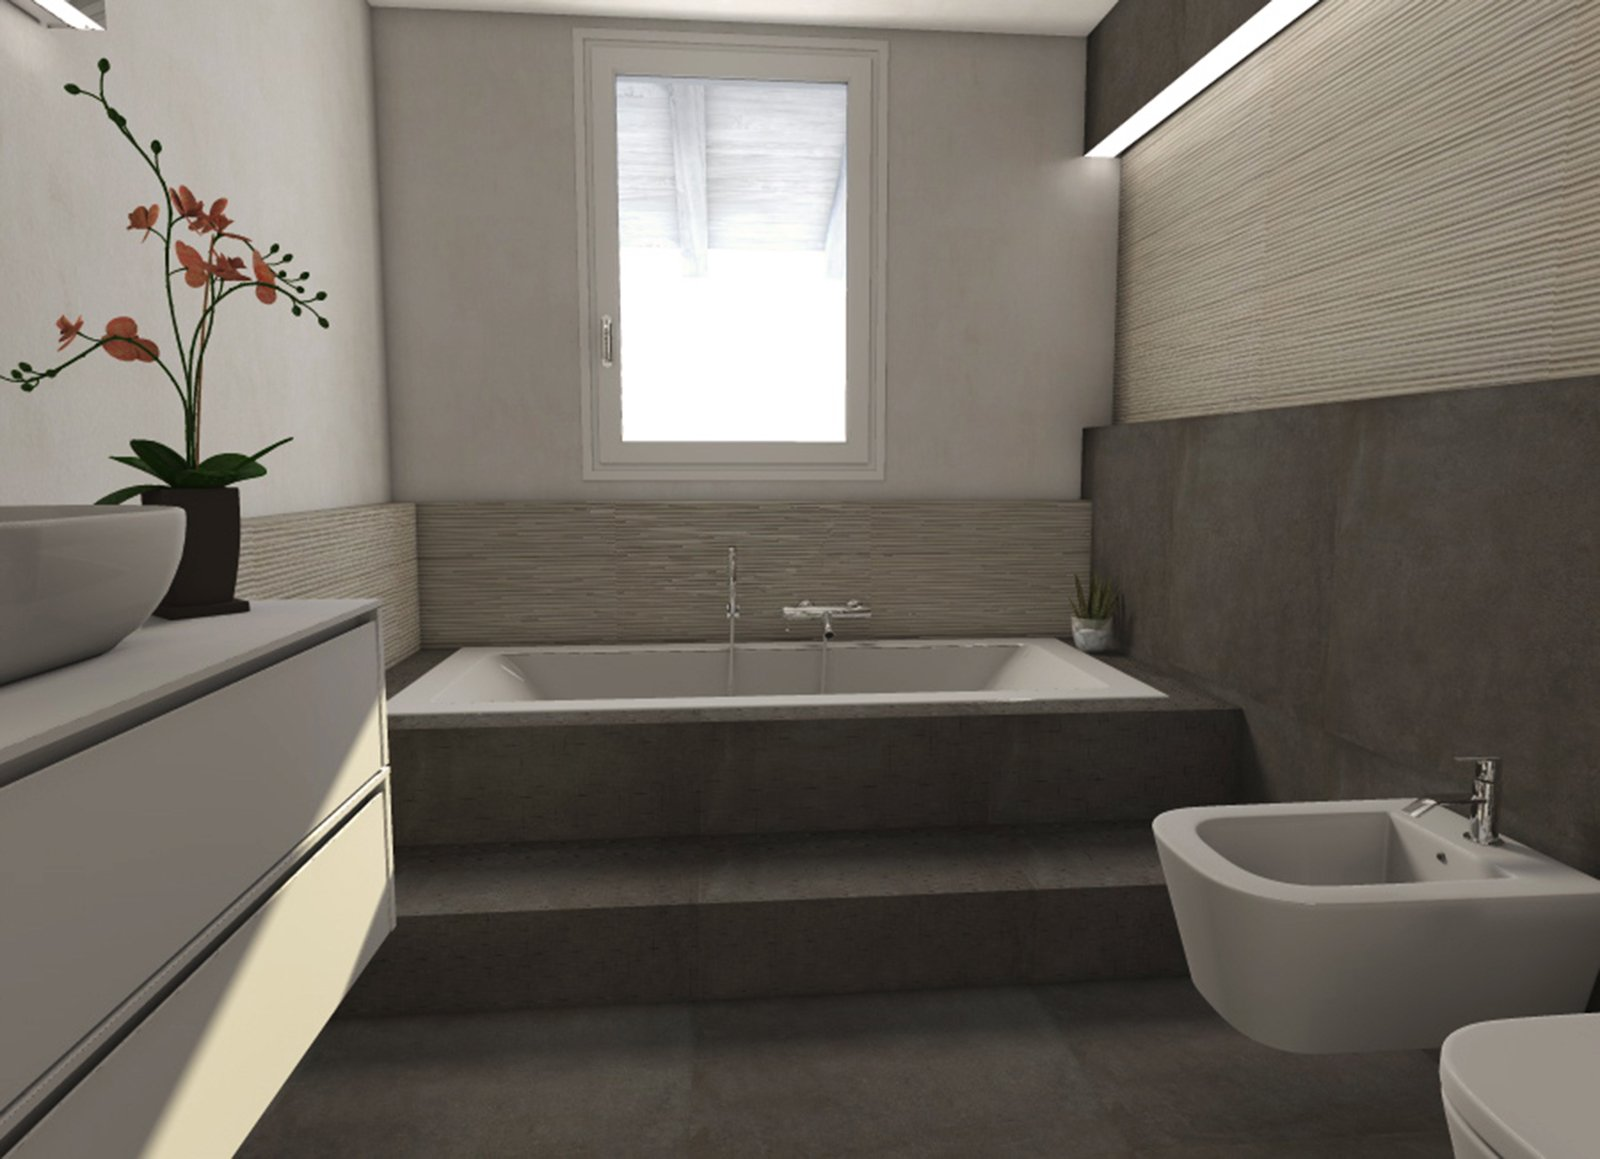 Una mansarda di nuova costruzione un progetto d 39 arredo per sfruttare bene lo spazio cose di casa - Bagno sottotetto ...